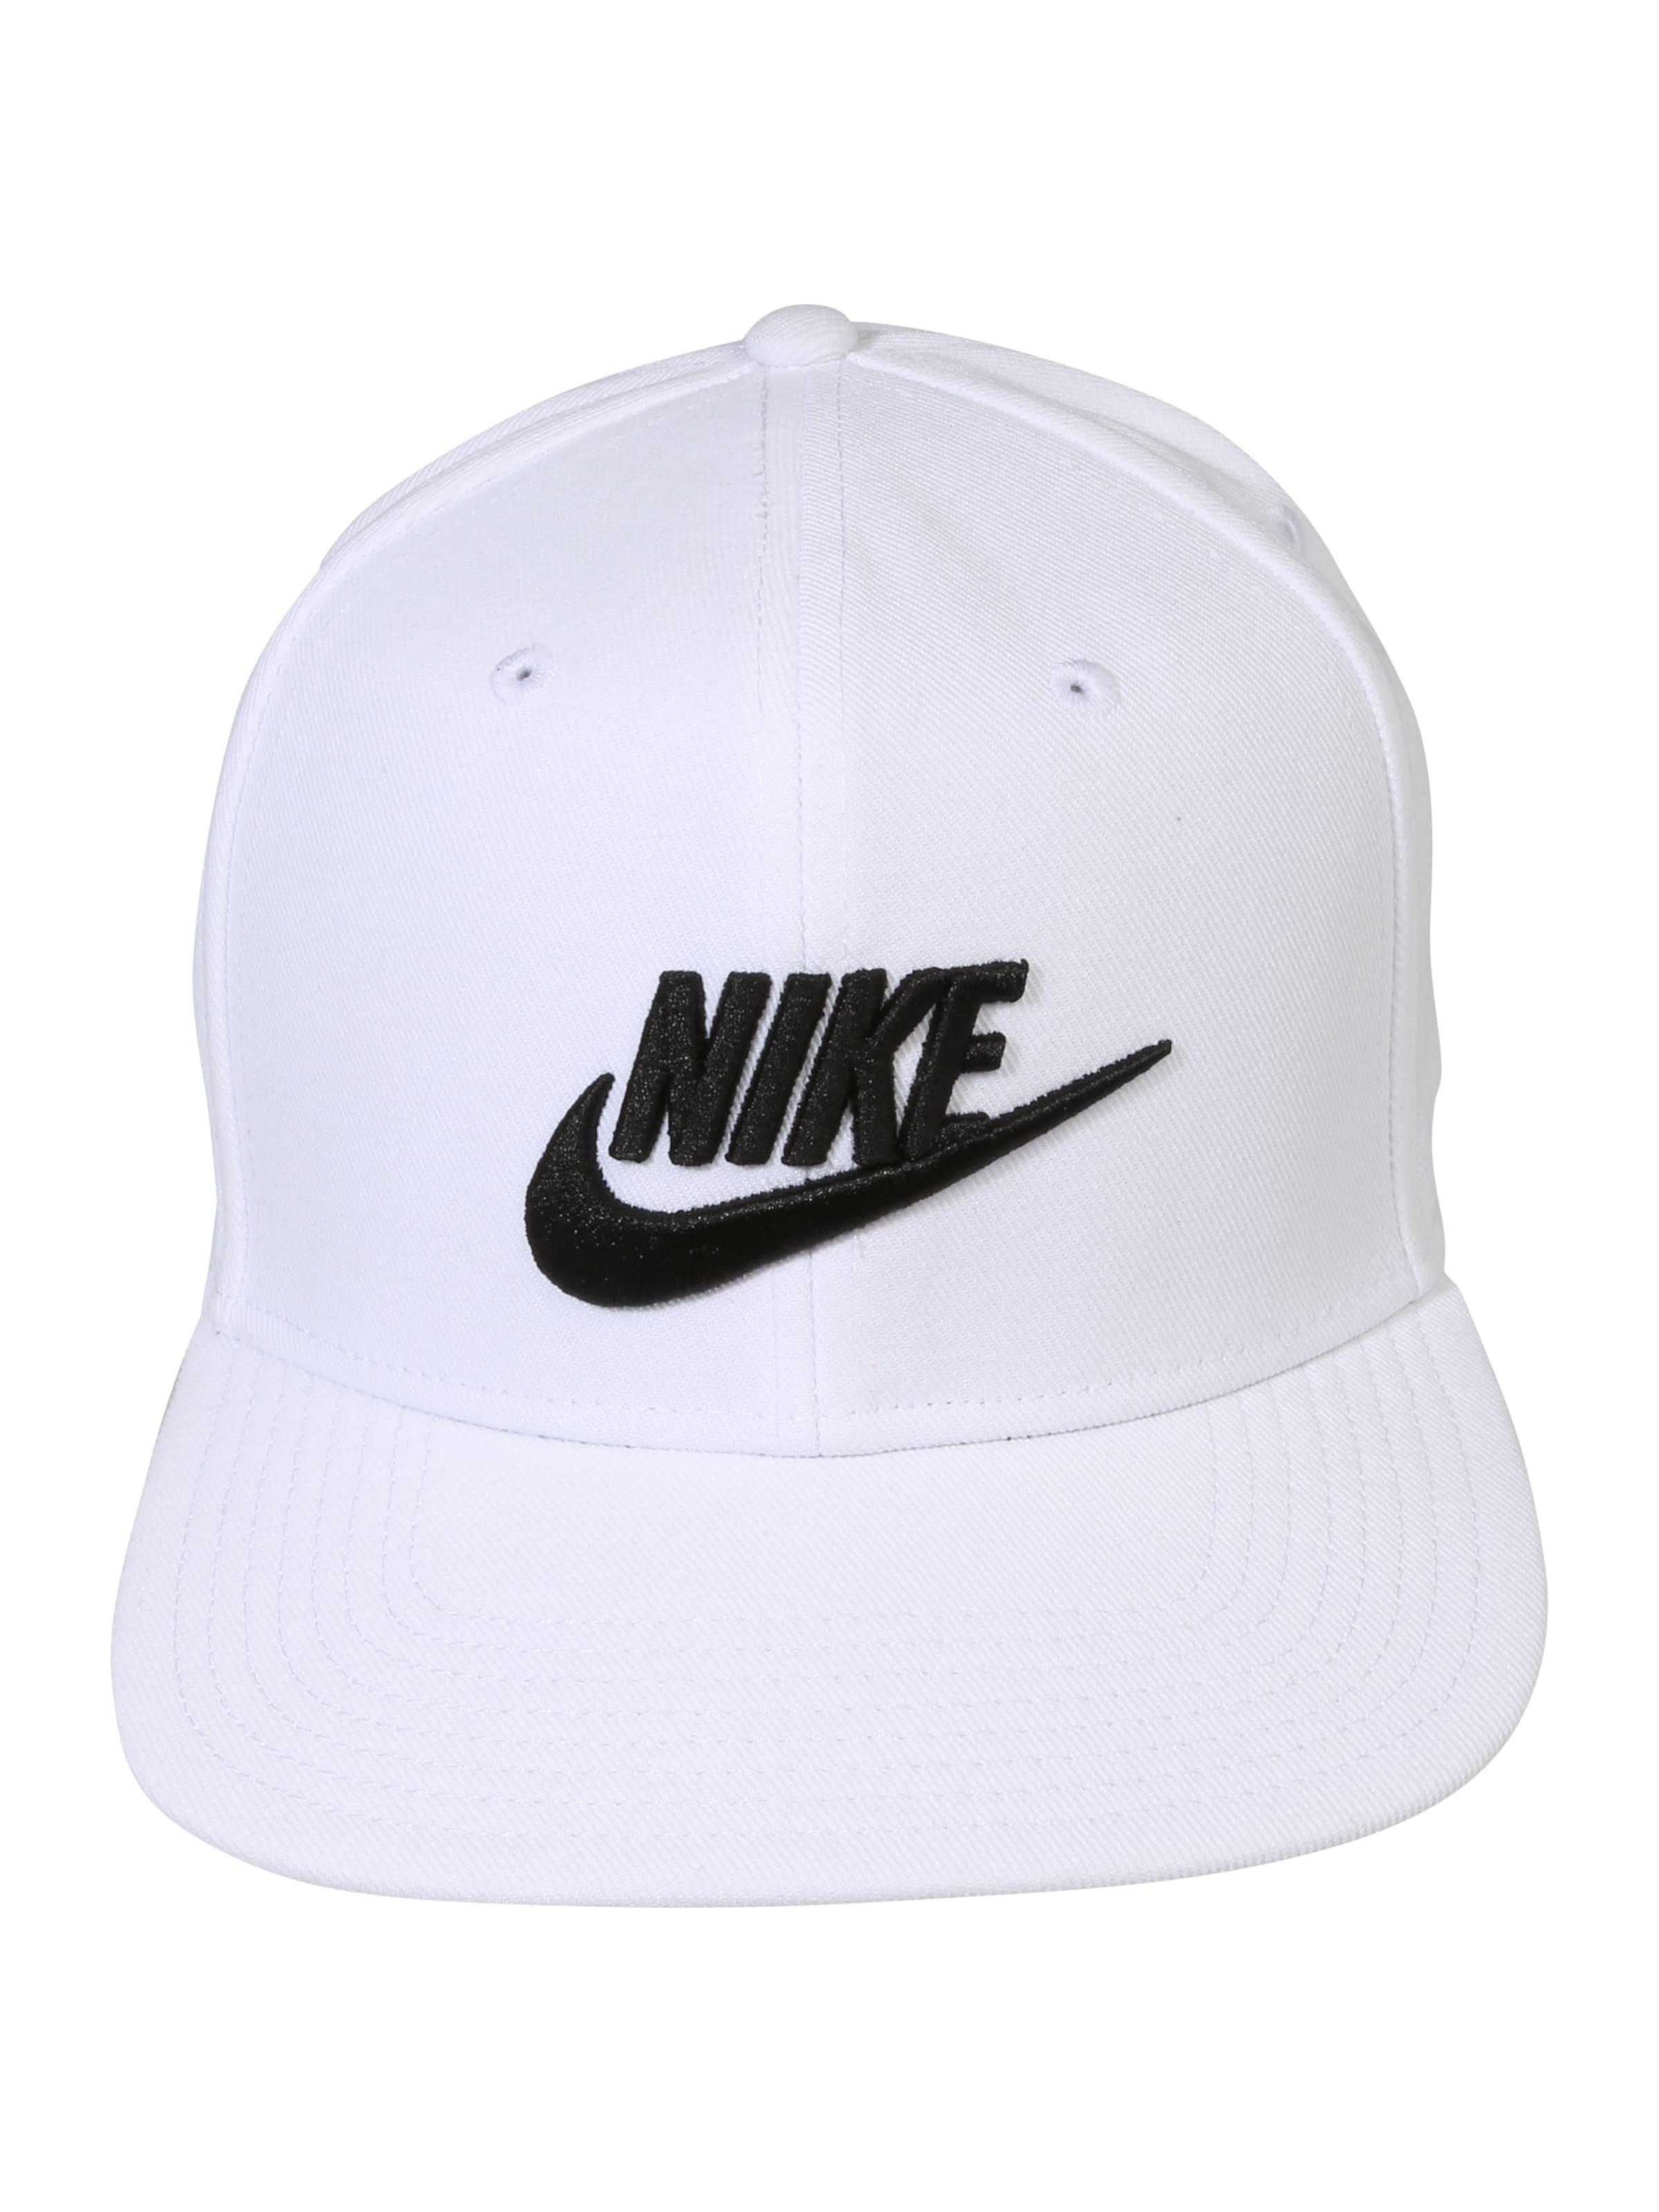 Pro' Nike In Cap 'futura Sportswear SchwarzWeiß wXN8nP0OkZ